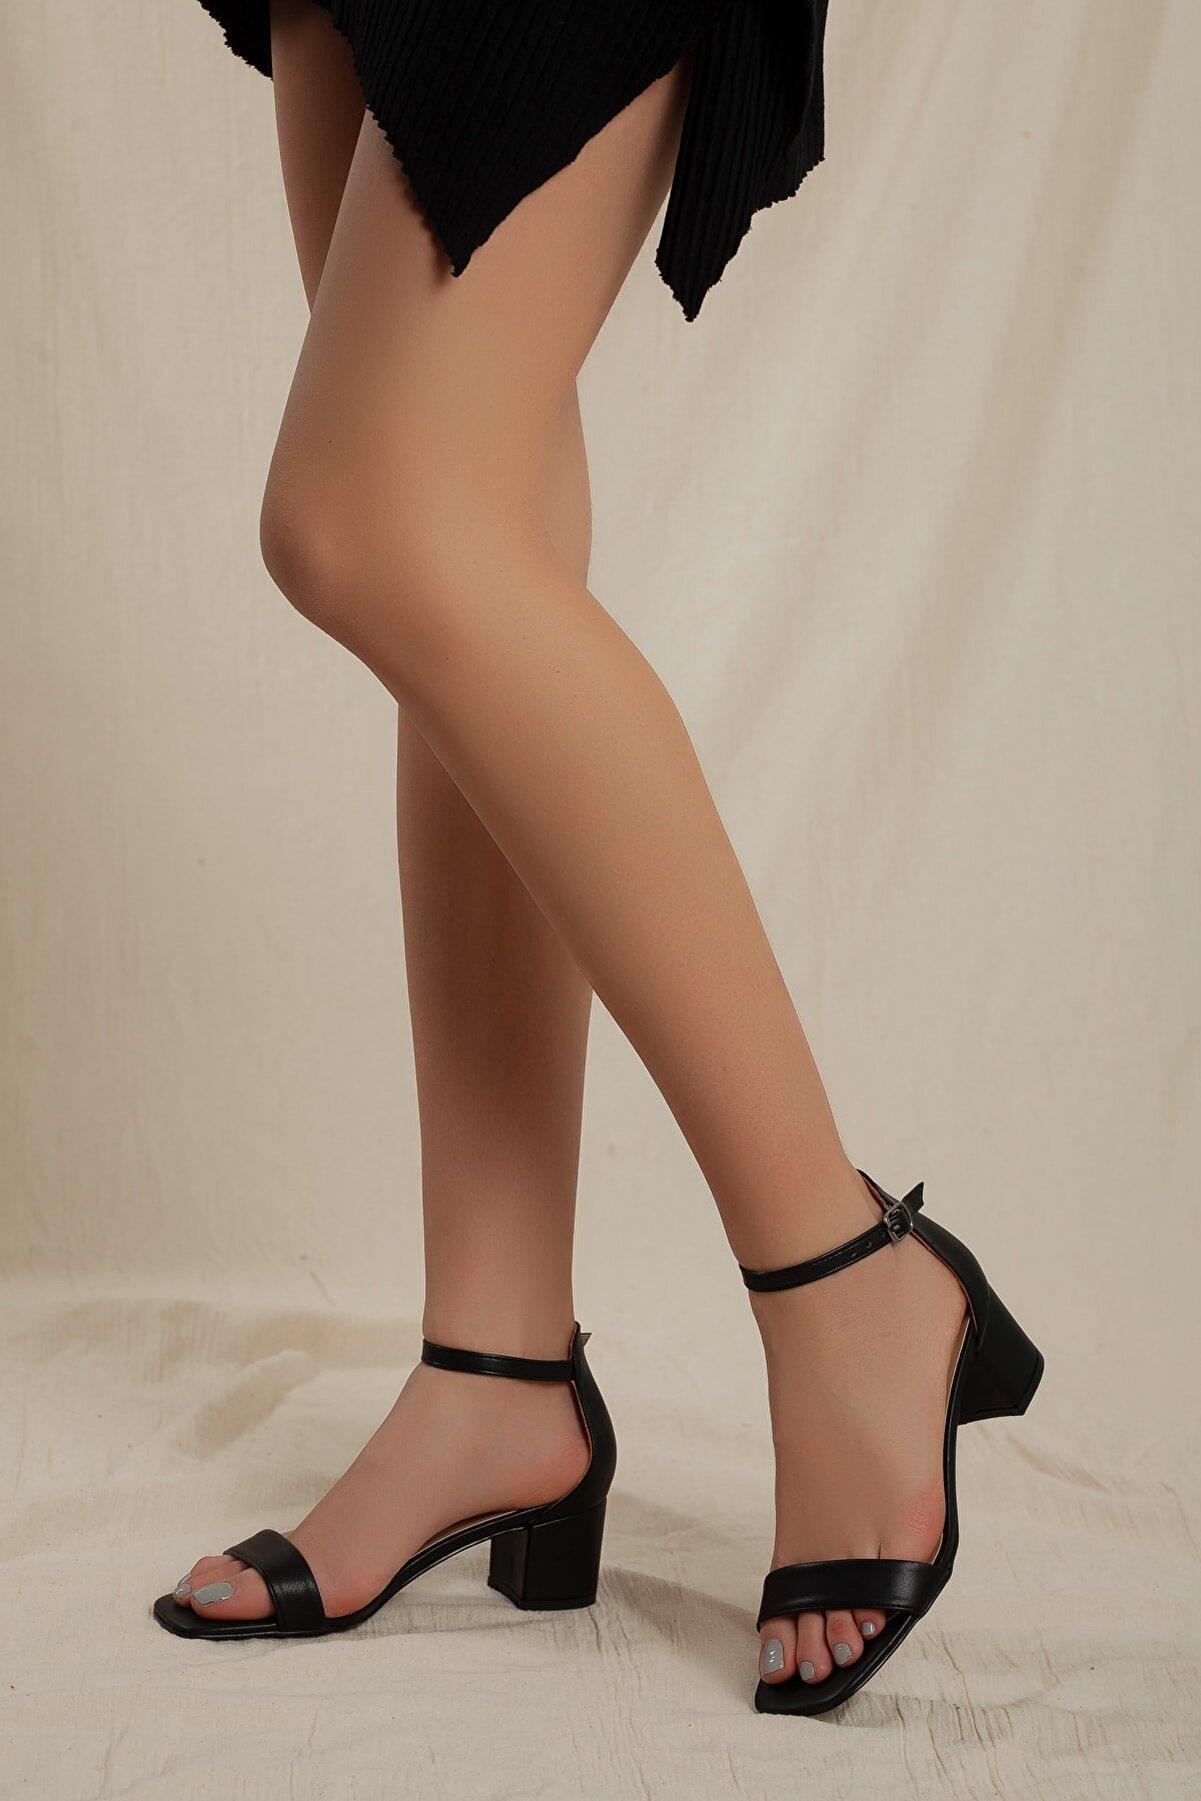 Daxtors Kadın Siyah Klasik Düşük Topuklu Tek Bant Ayakkabı D0225